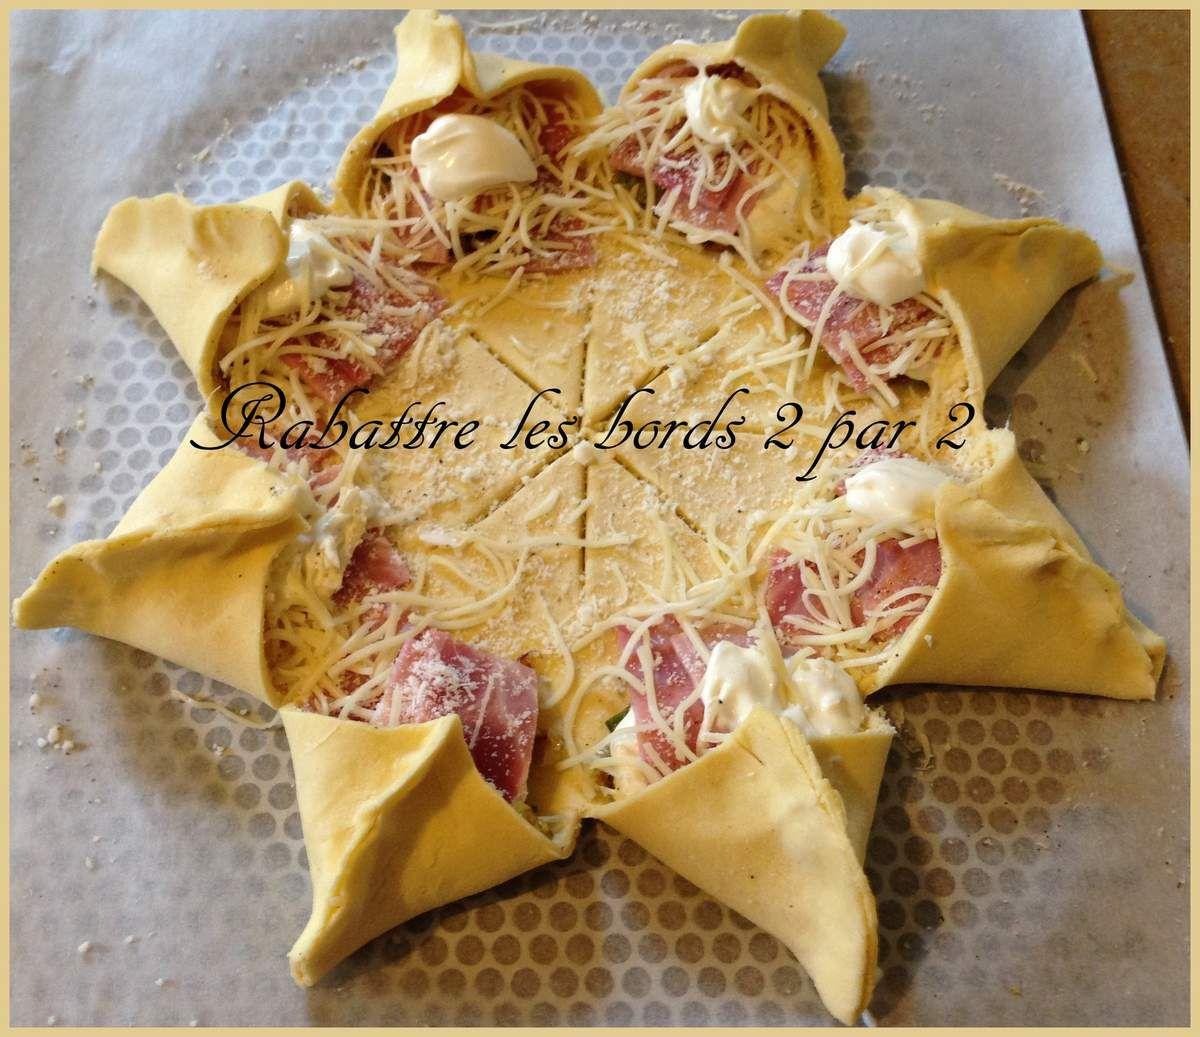 Etoile feuilletée et pizza étoilée